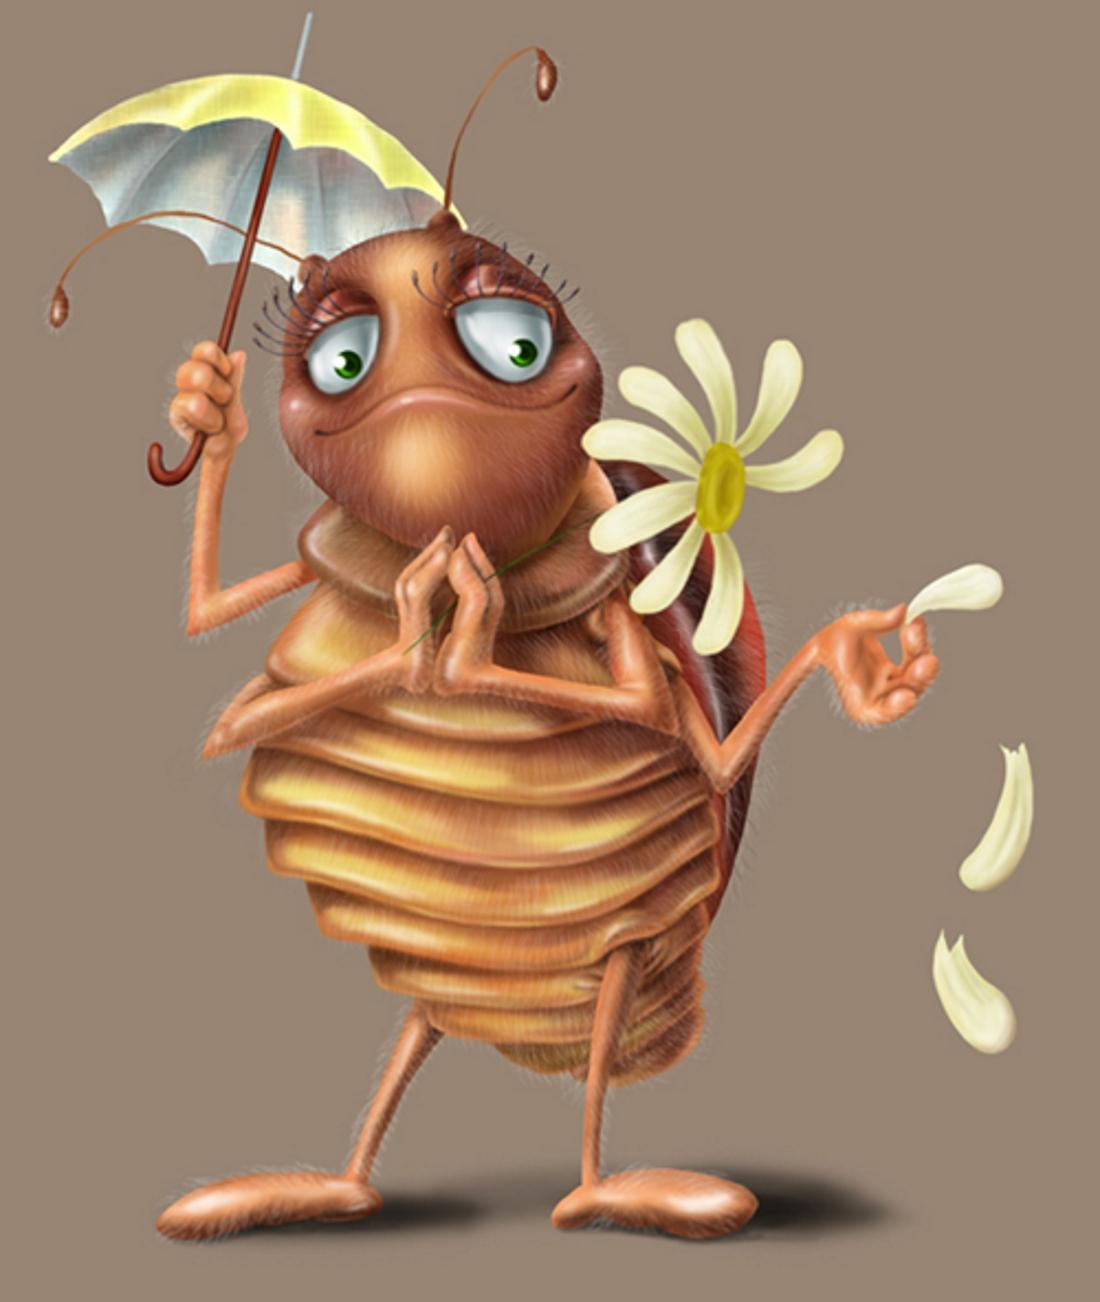 эффектно тараканы по мультяшному картинки могут использовать